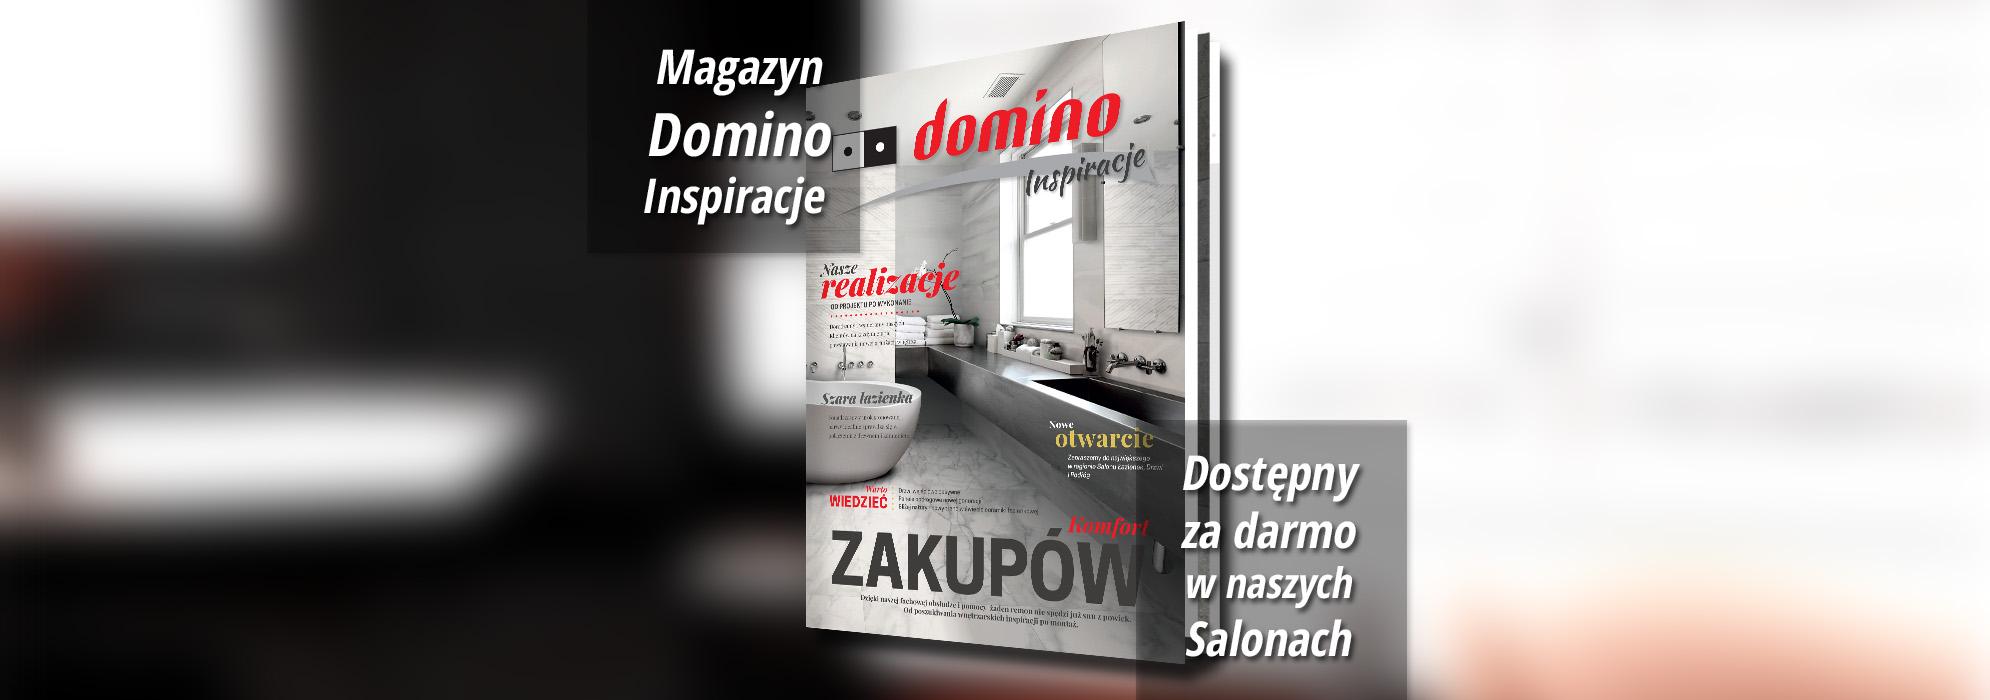 Salon łazienek Domino W Dzierżoniowie Już Gotowy